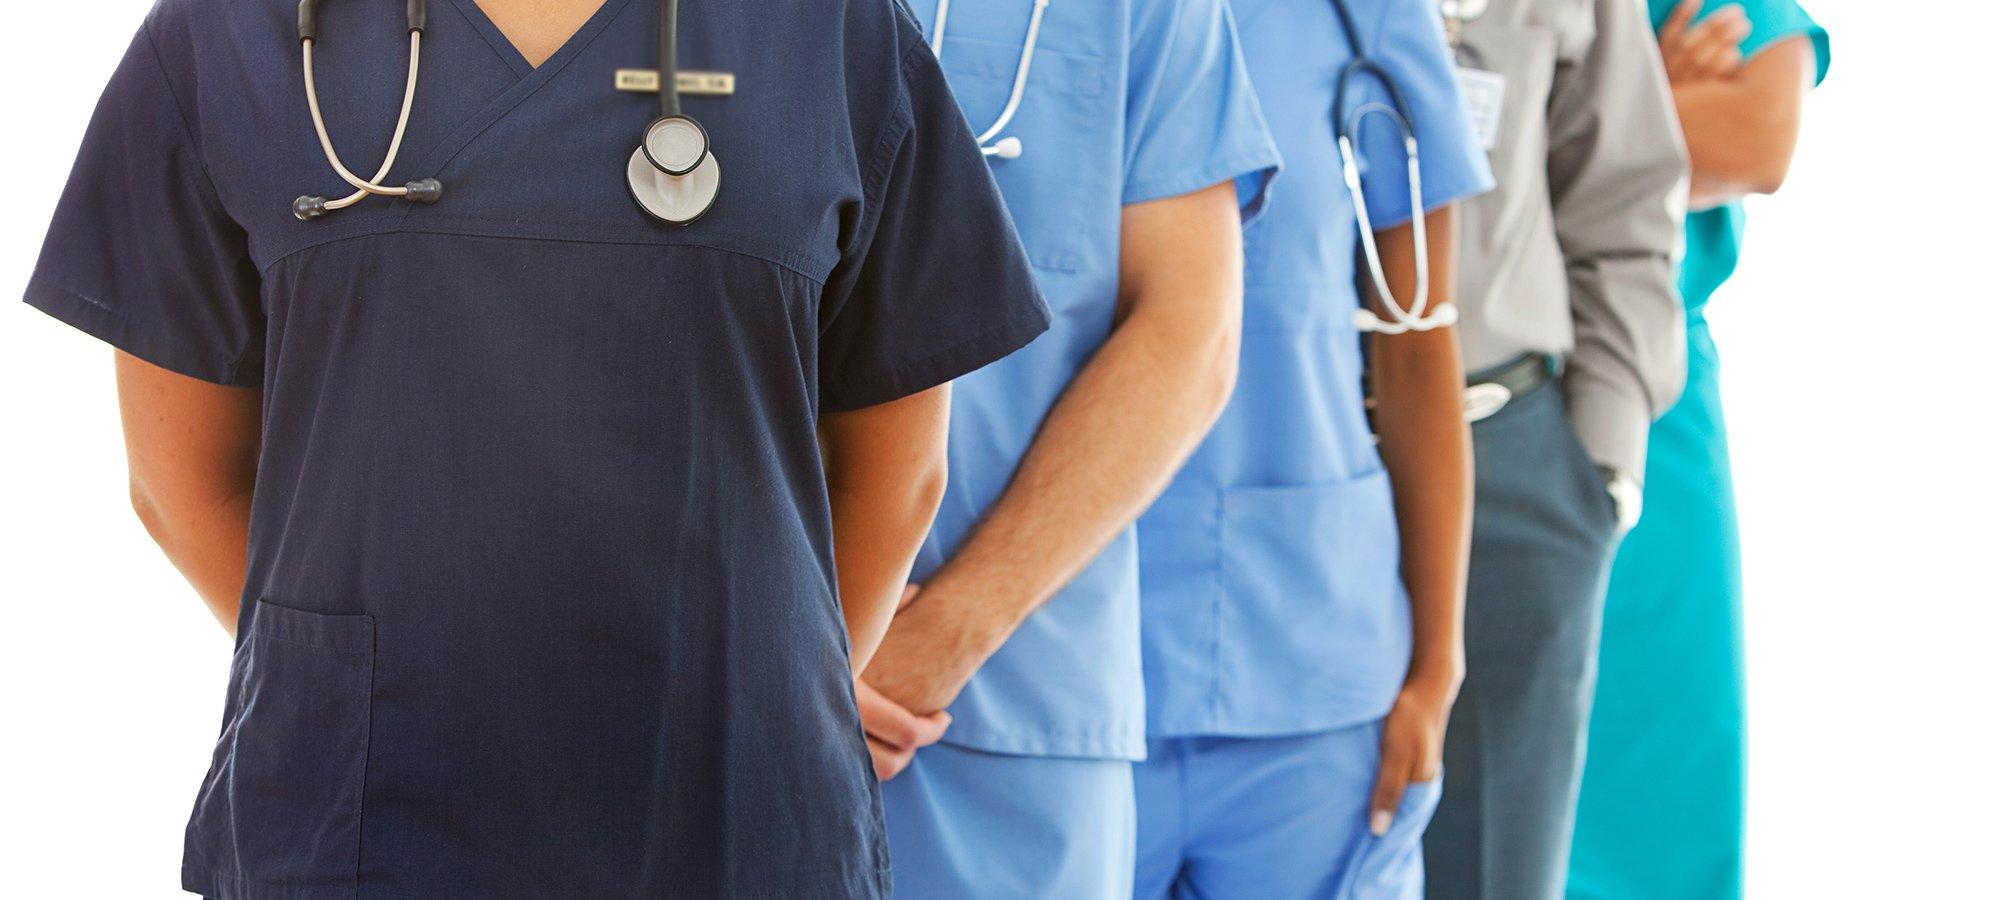 Abiti da lavoro bonvini giorgio infermieri